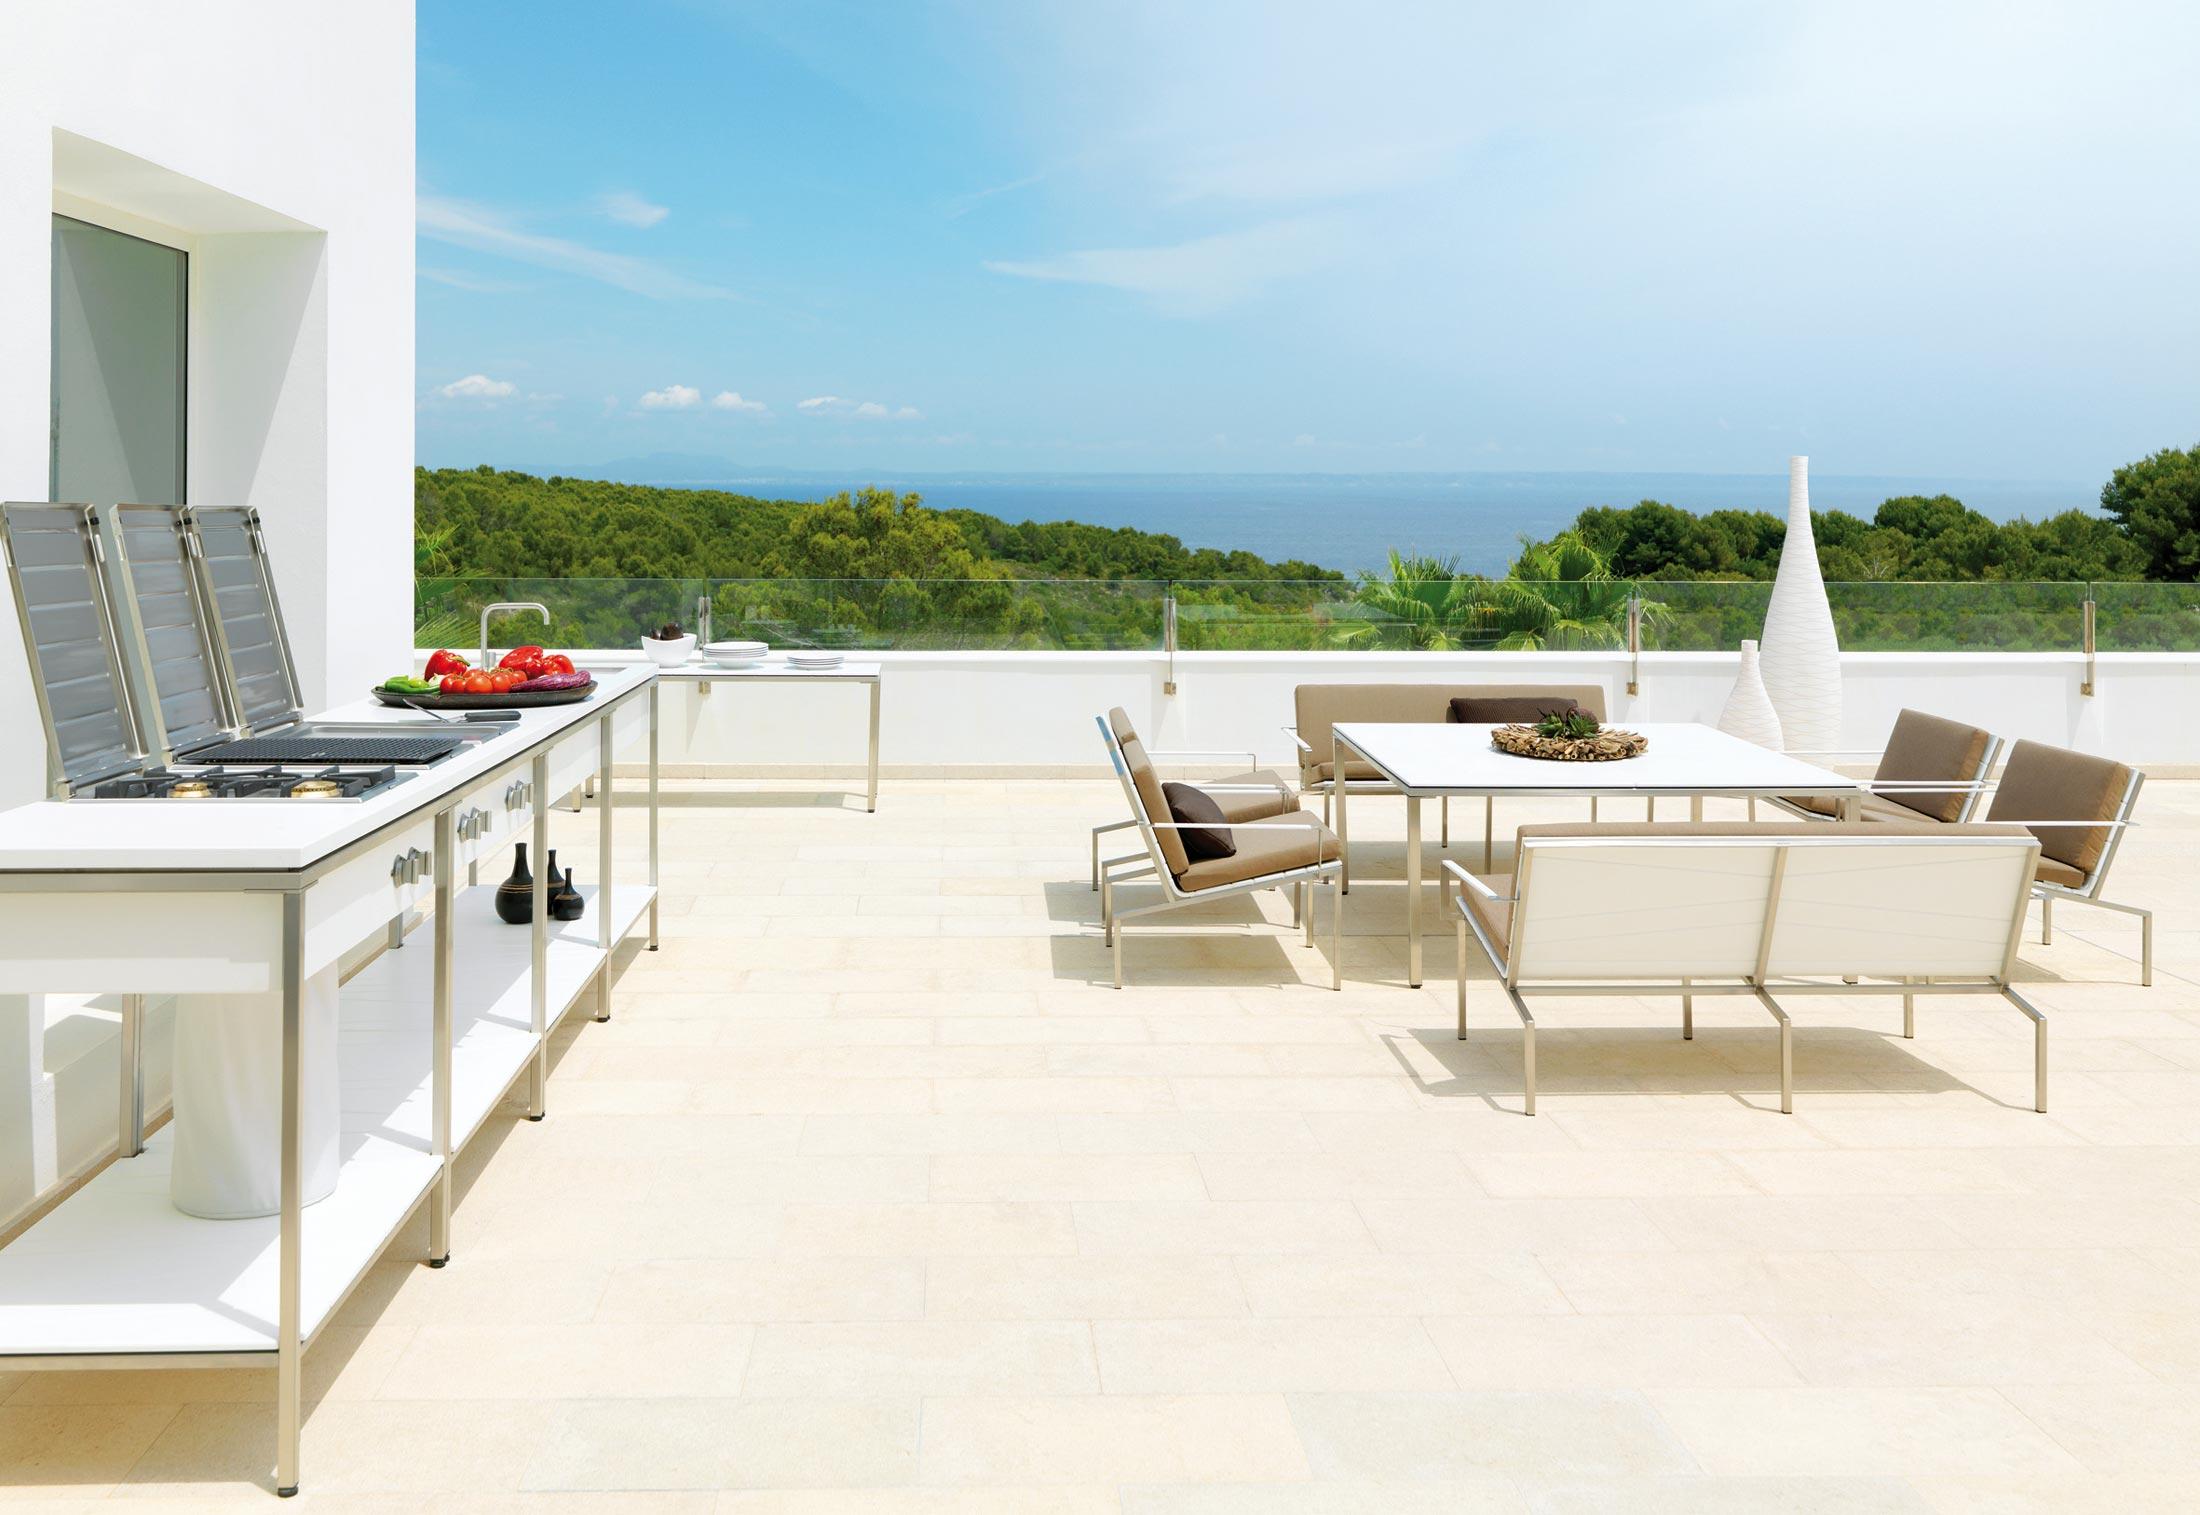 Outdoor Küchen Frammersbach : Outdoor kitchen kochmodul von viteo stylepark